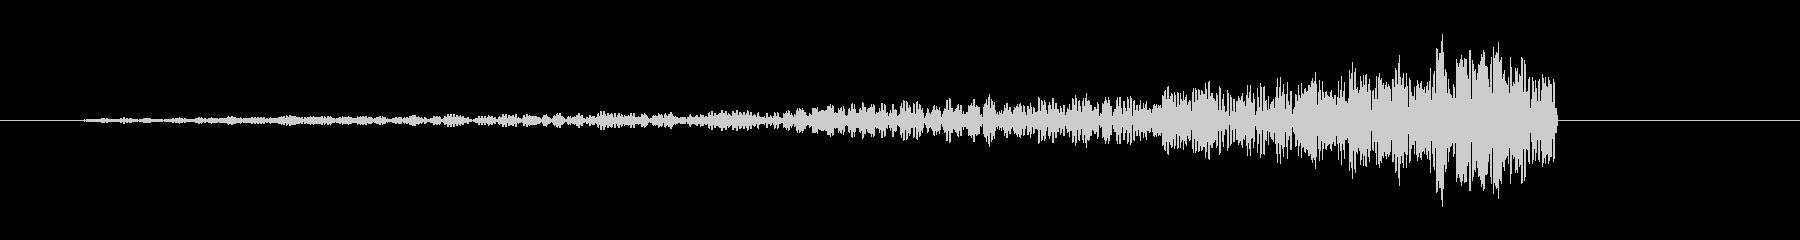 低ディープランブルビルドアップリバースの未再生の波形